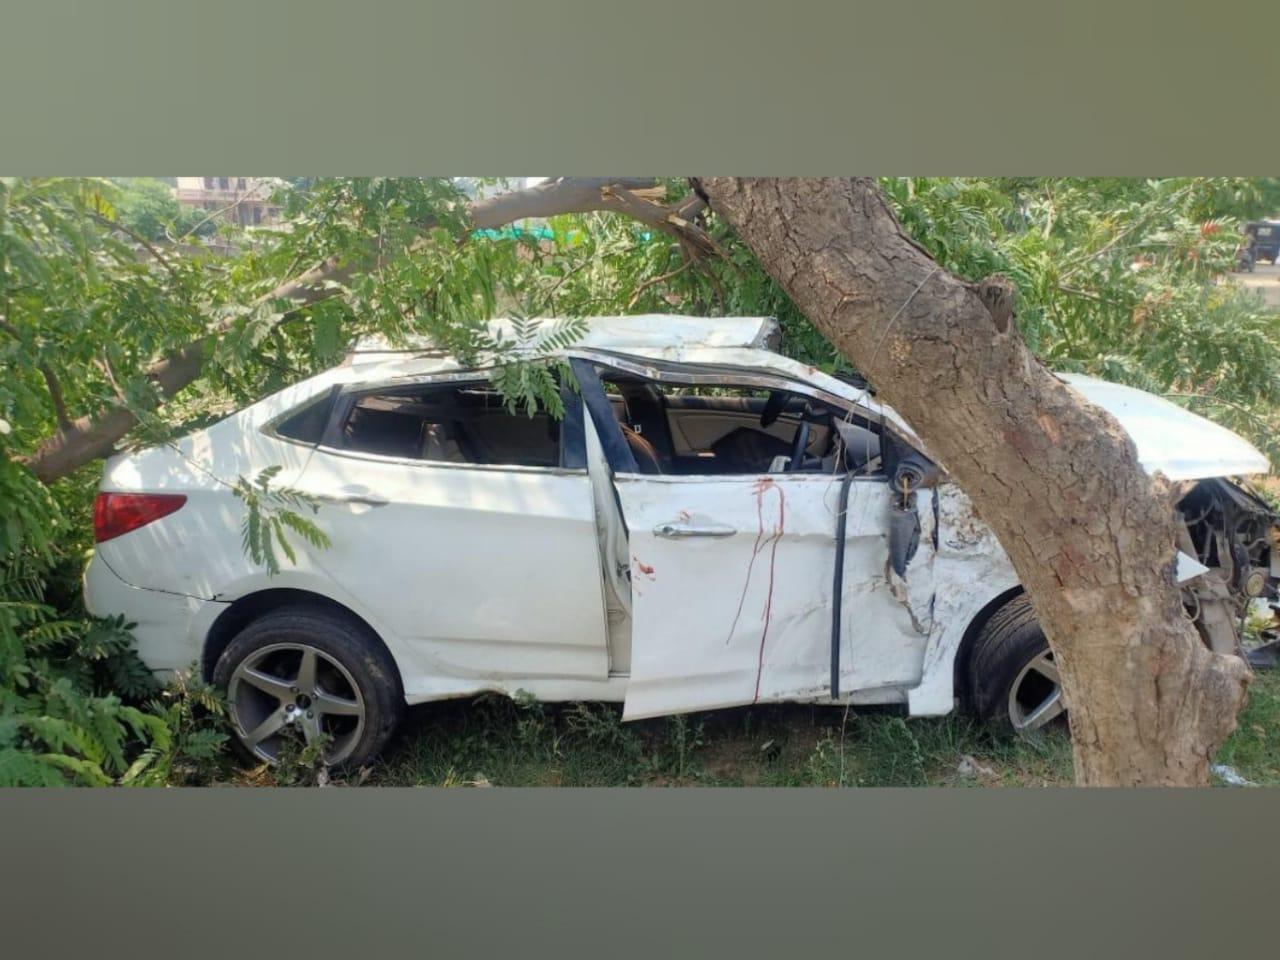 हादसे की वजह से बुरी तरह क्षतिग्रस्त हुई कार। - Dainik Bhaskar